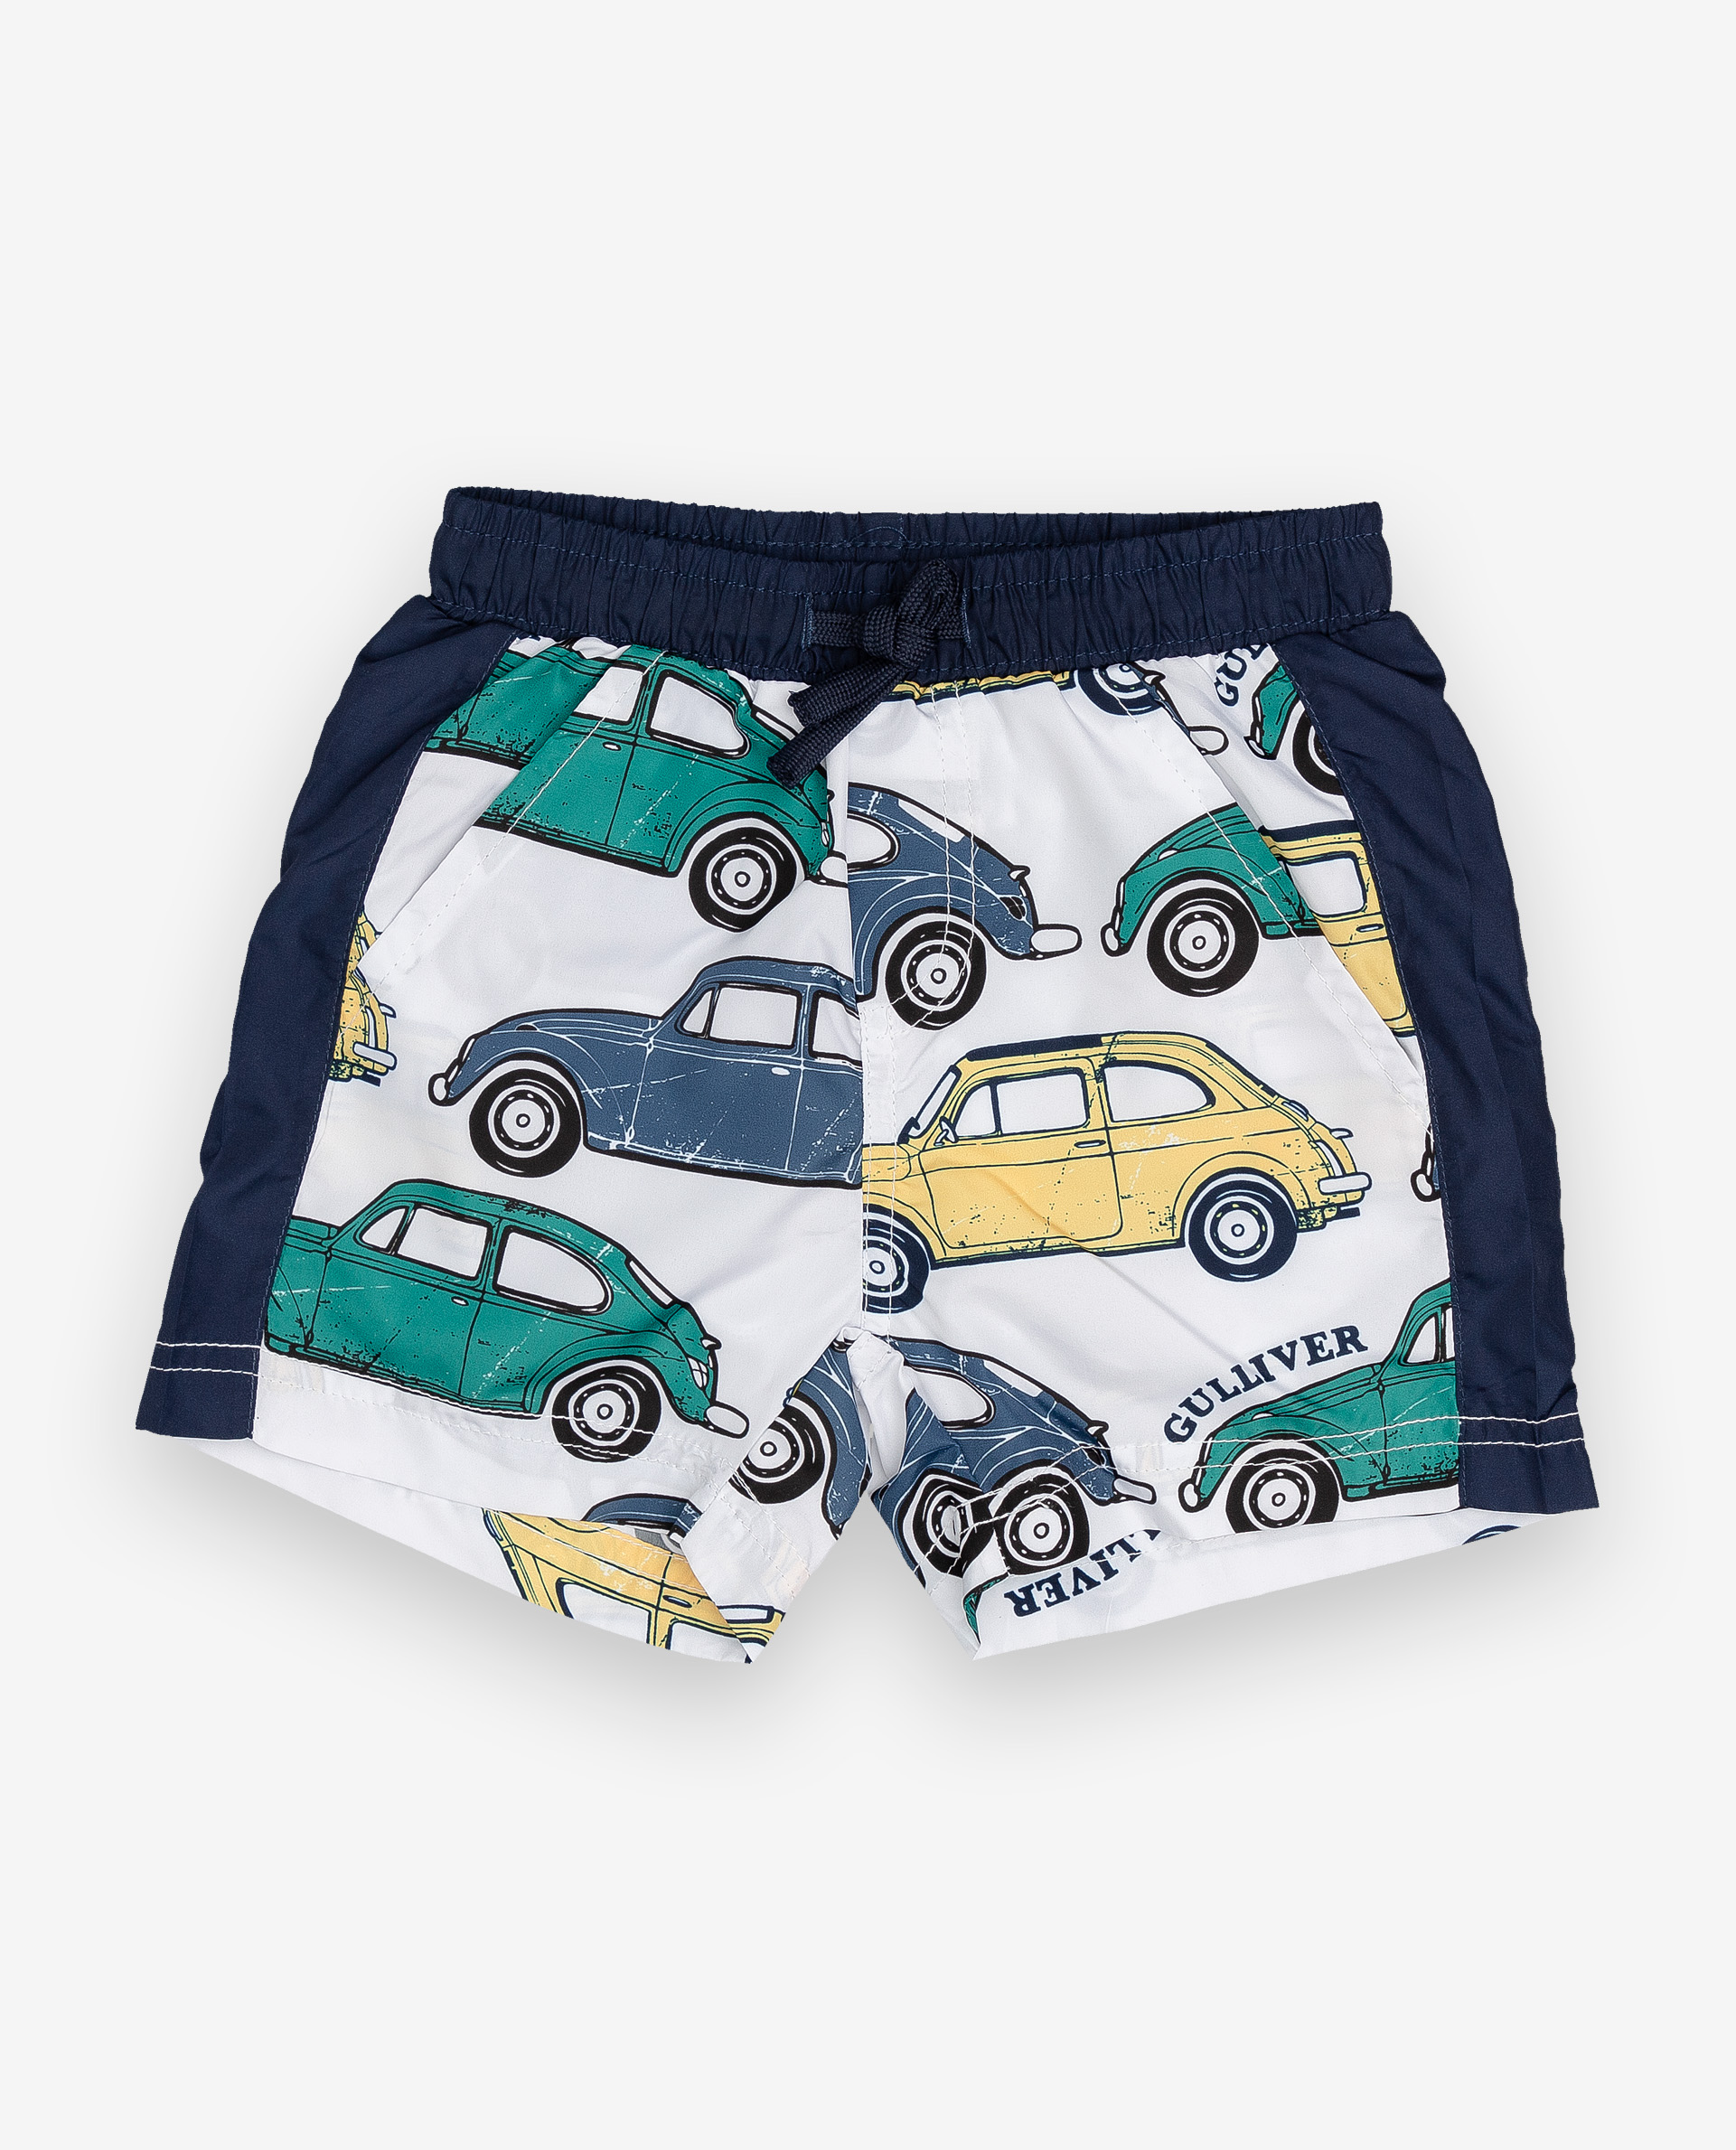 Купить 12033BBC6002, Плавательные шорты с принтом Gulliver, Gulliver Baby, белый, 86-92, Мужской, ВЕСНА/ЛЕТО 2020 (shop: GulliverMarket Gulliver Market)